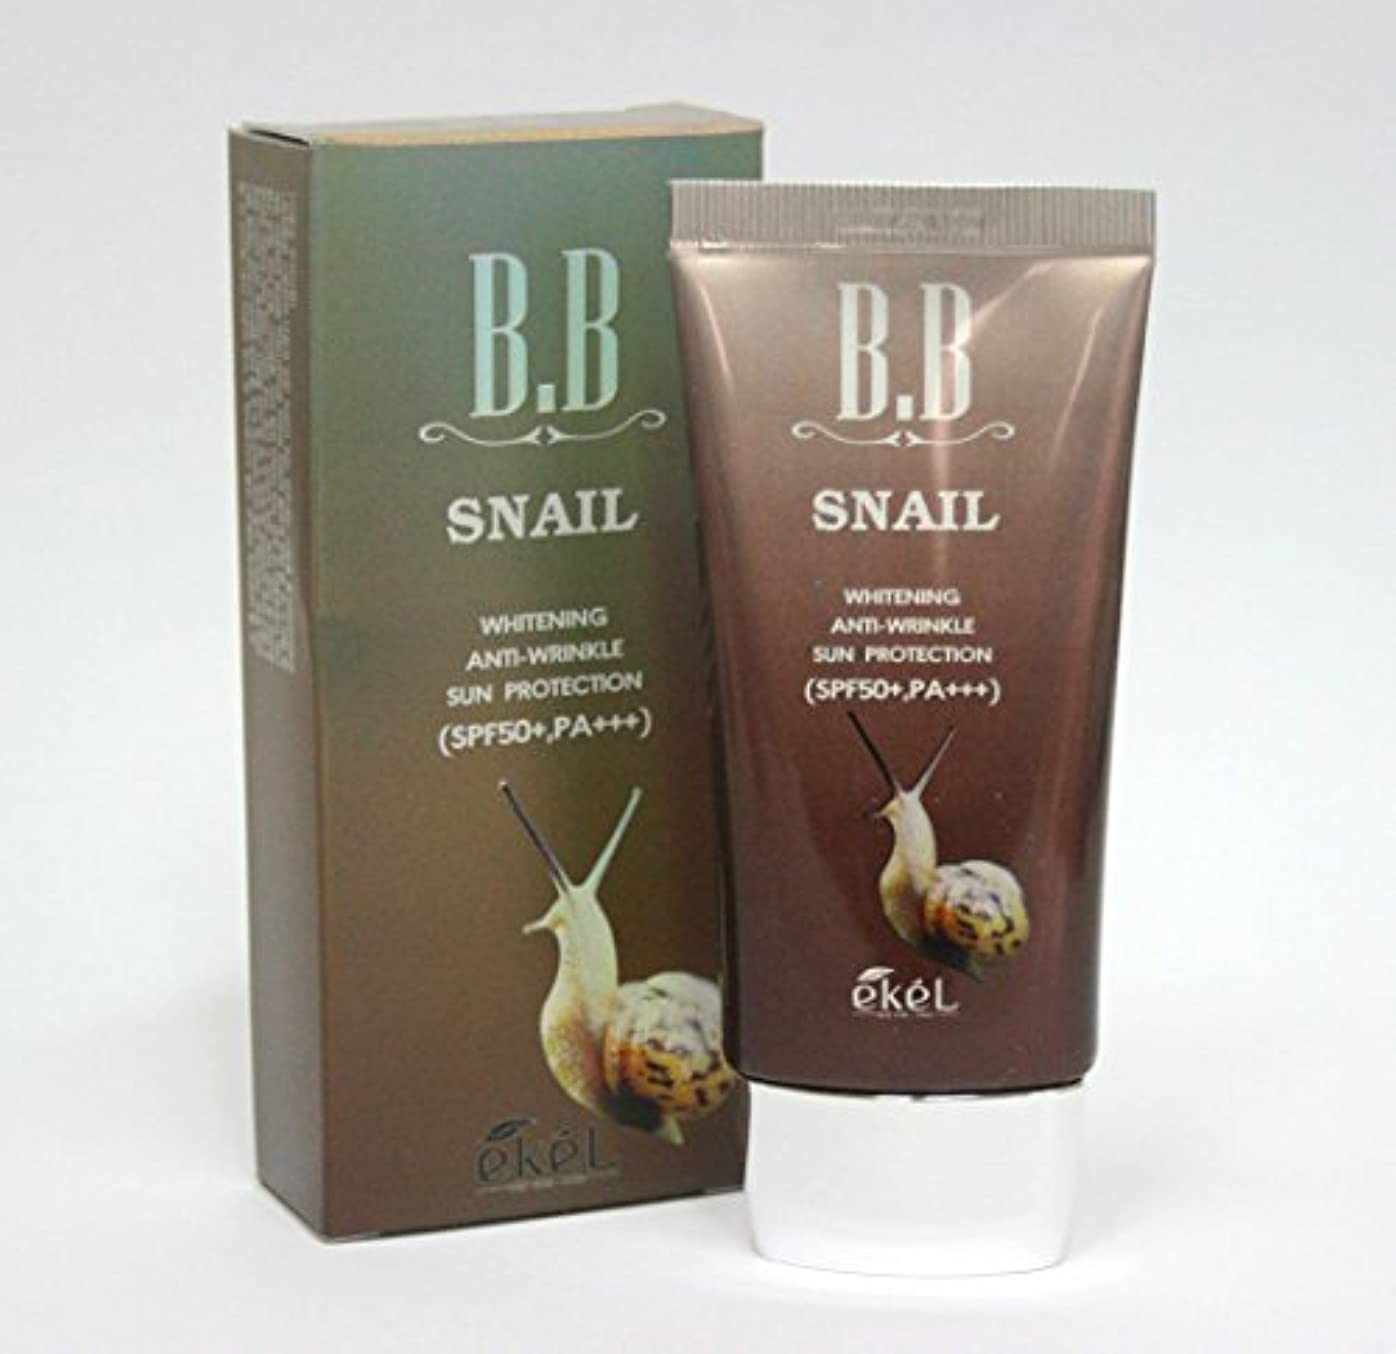 ほぼ艶啓発する[Ekel] カタツムリBBクリーム50ml / ホワイトニング , SPF50 + PA +++ / 韓国化粧品 / Snail BB Cream 50ml / Whitening, SPF50+ PA+++ / Korea...